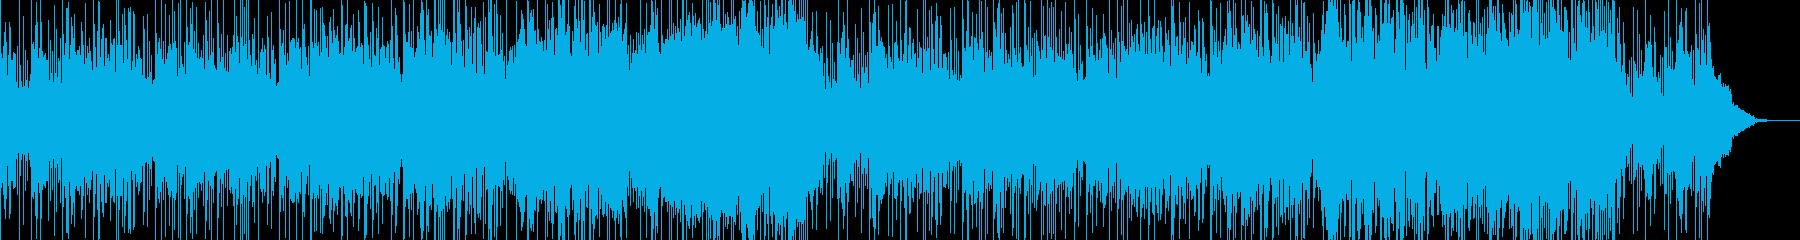 雪合戦の風景のイメージの再生済みの波形